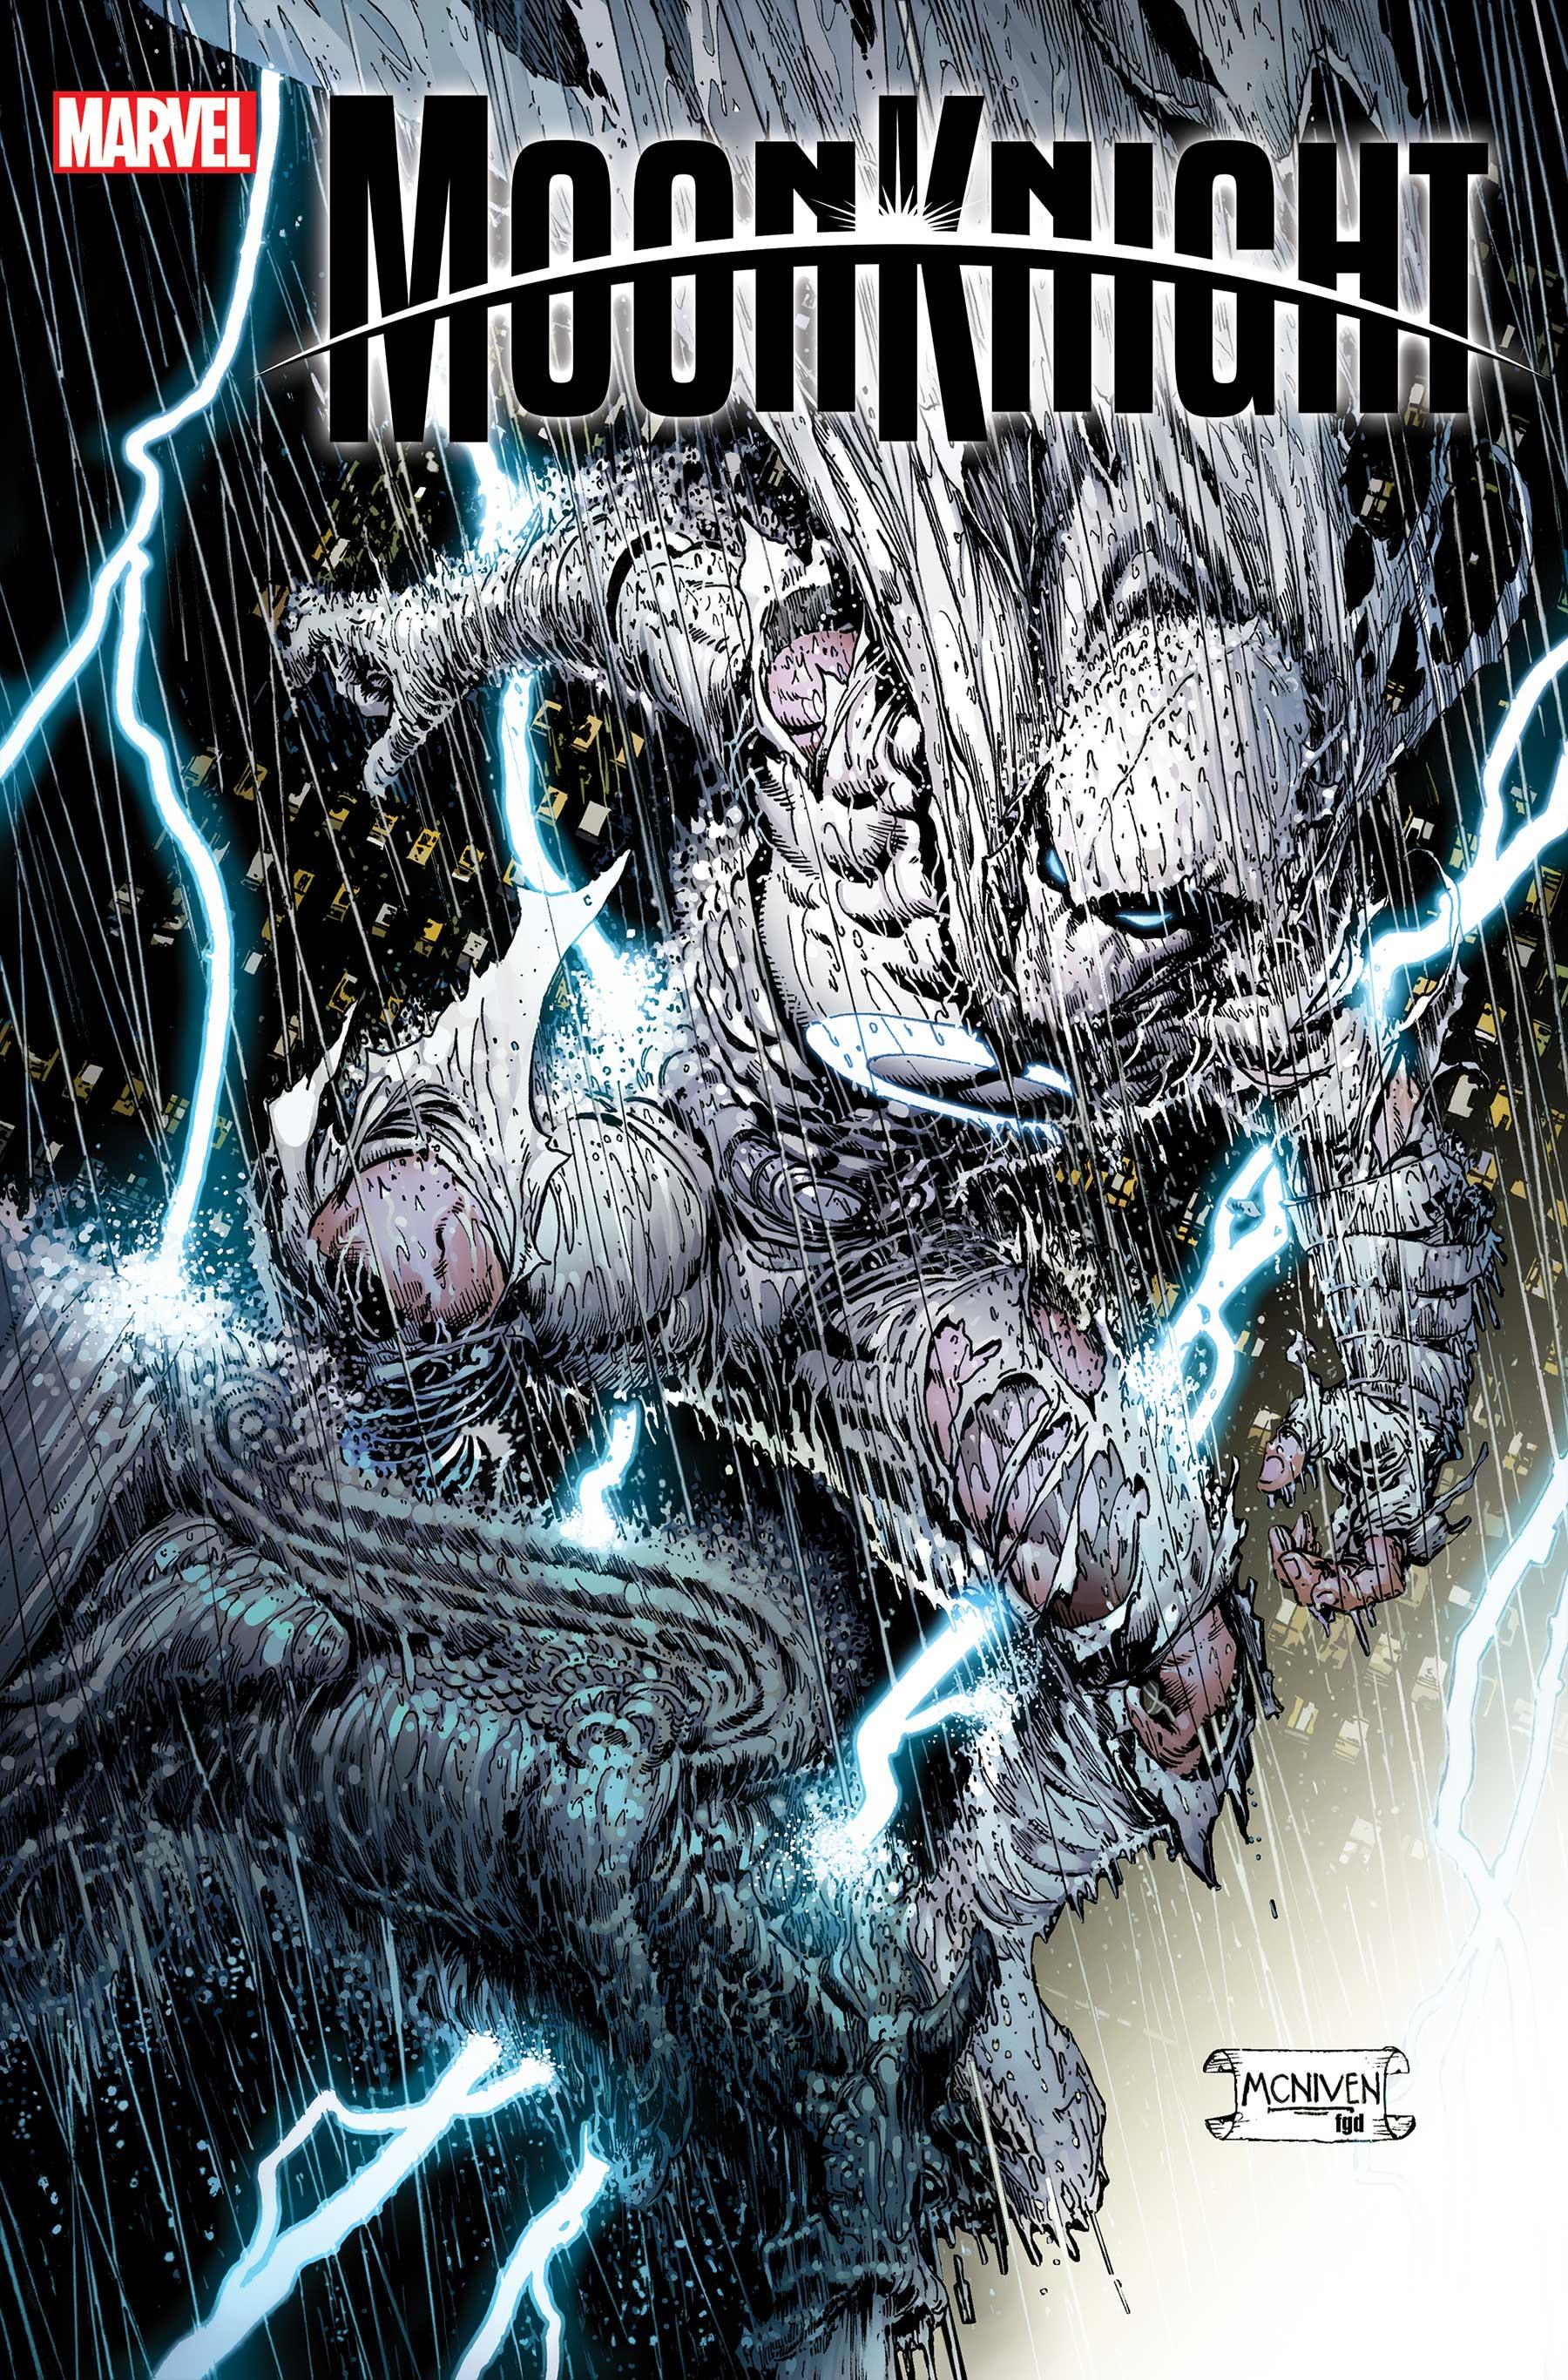 Moon Knight (2021) #1